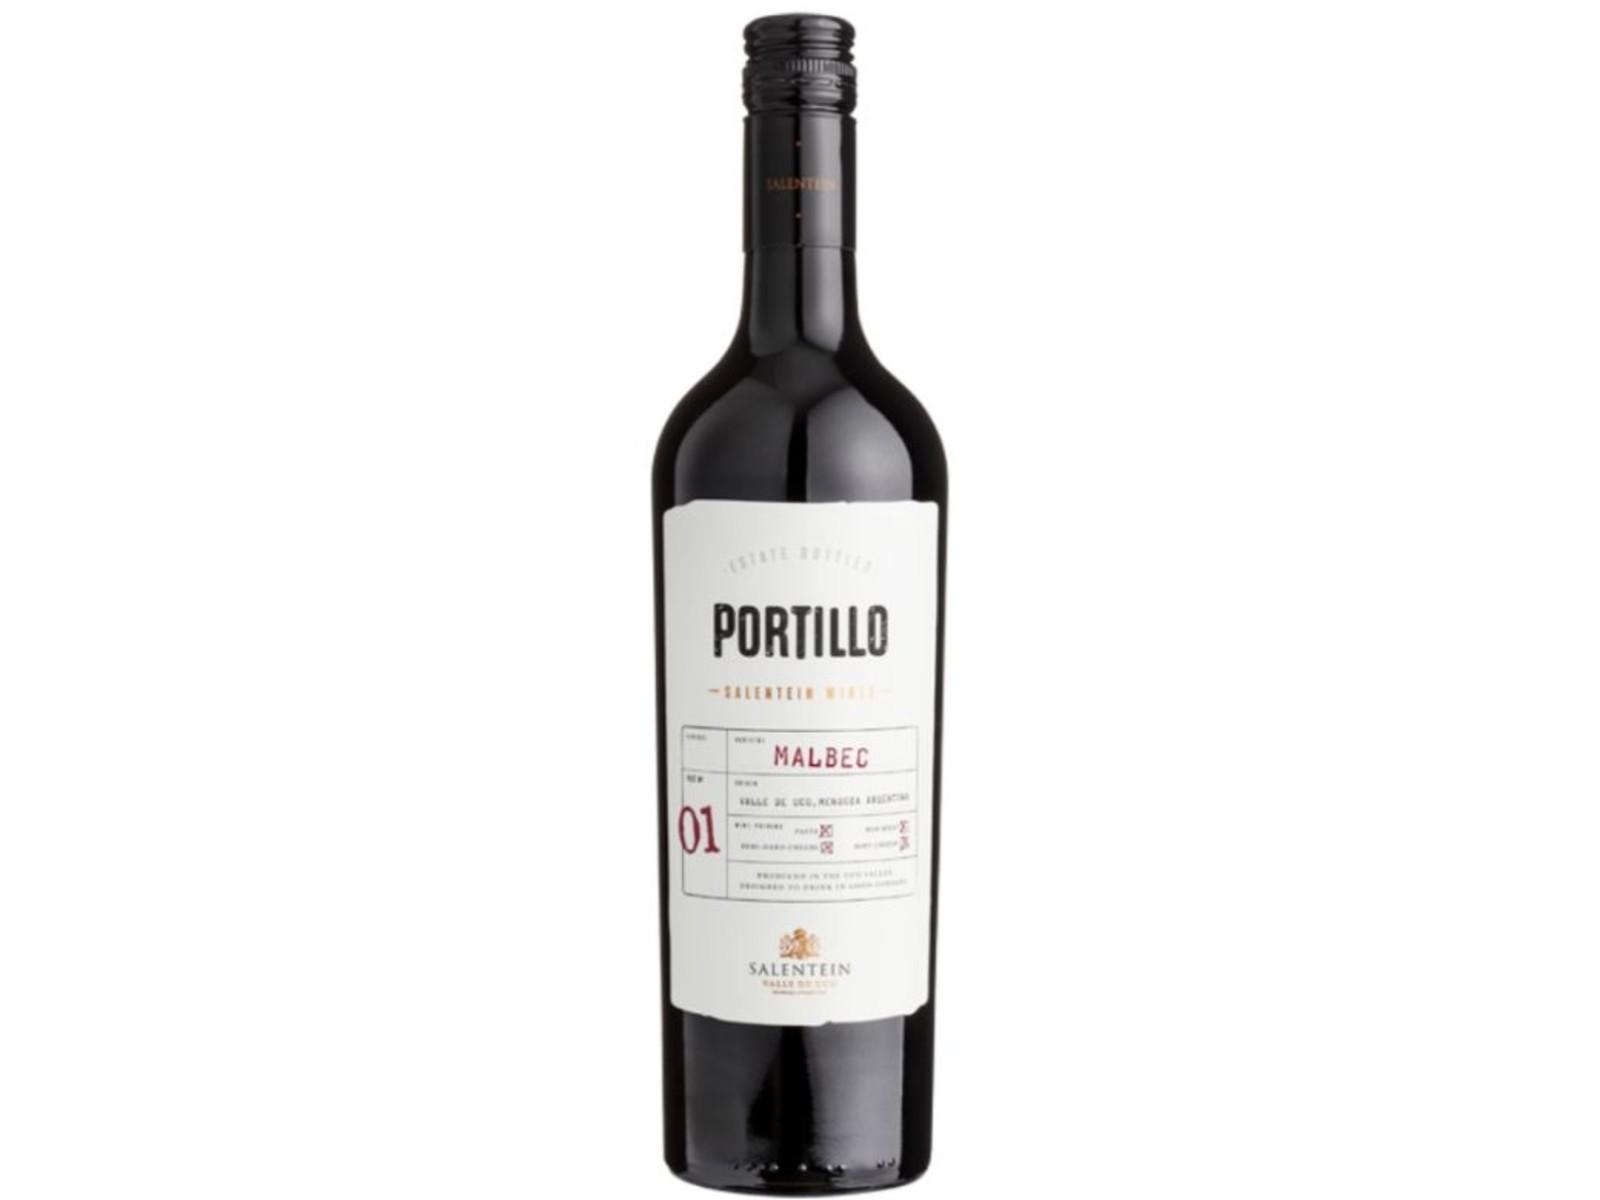 Bodegas Salentein Portillo Malbec